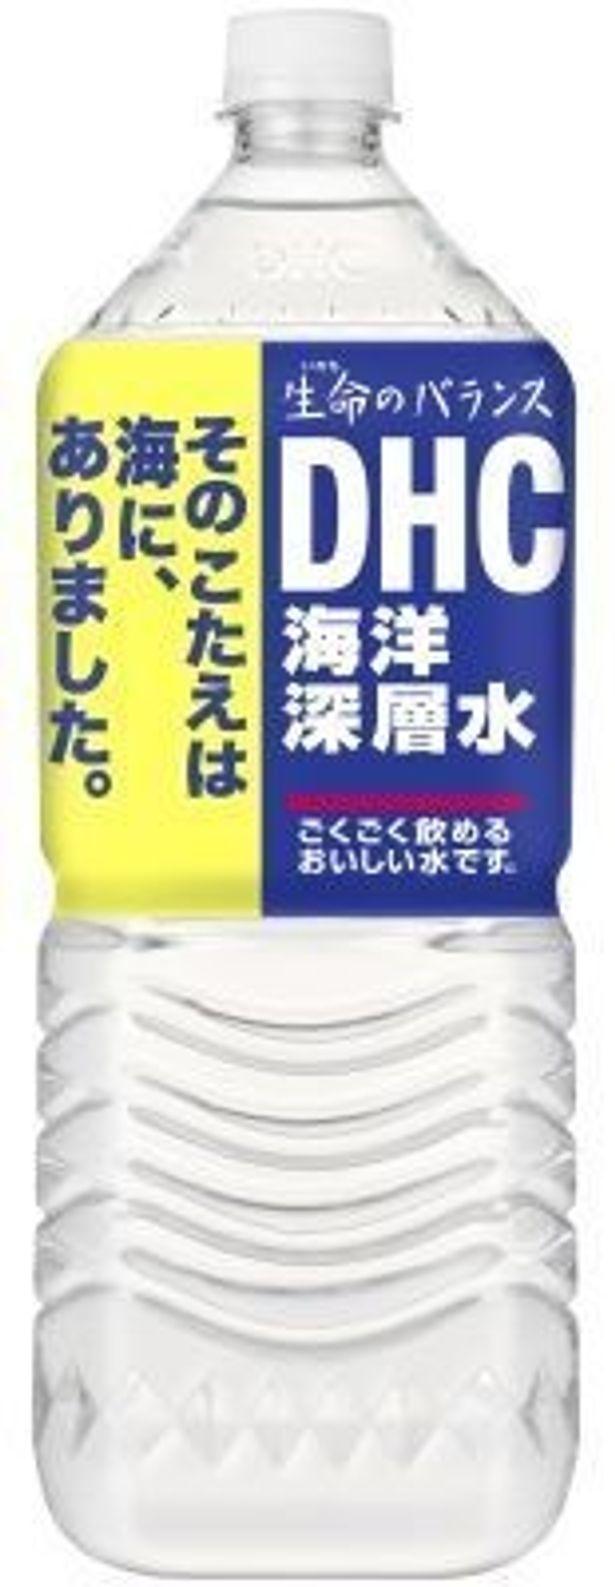 日本最深の深層水を汲み上げたという新商品だ!